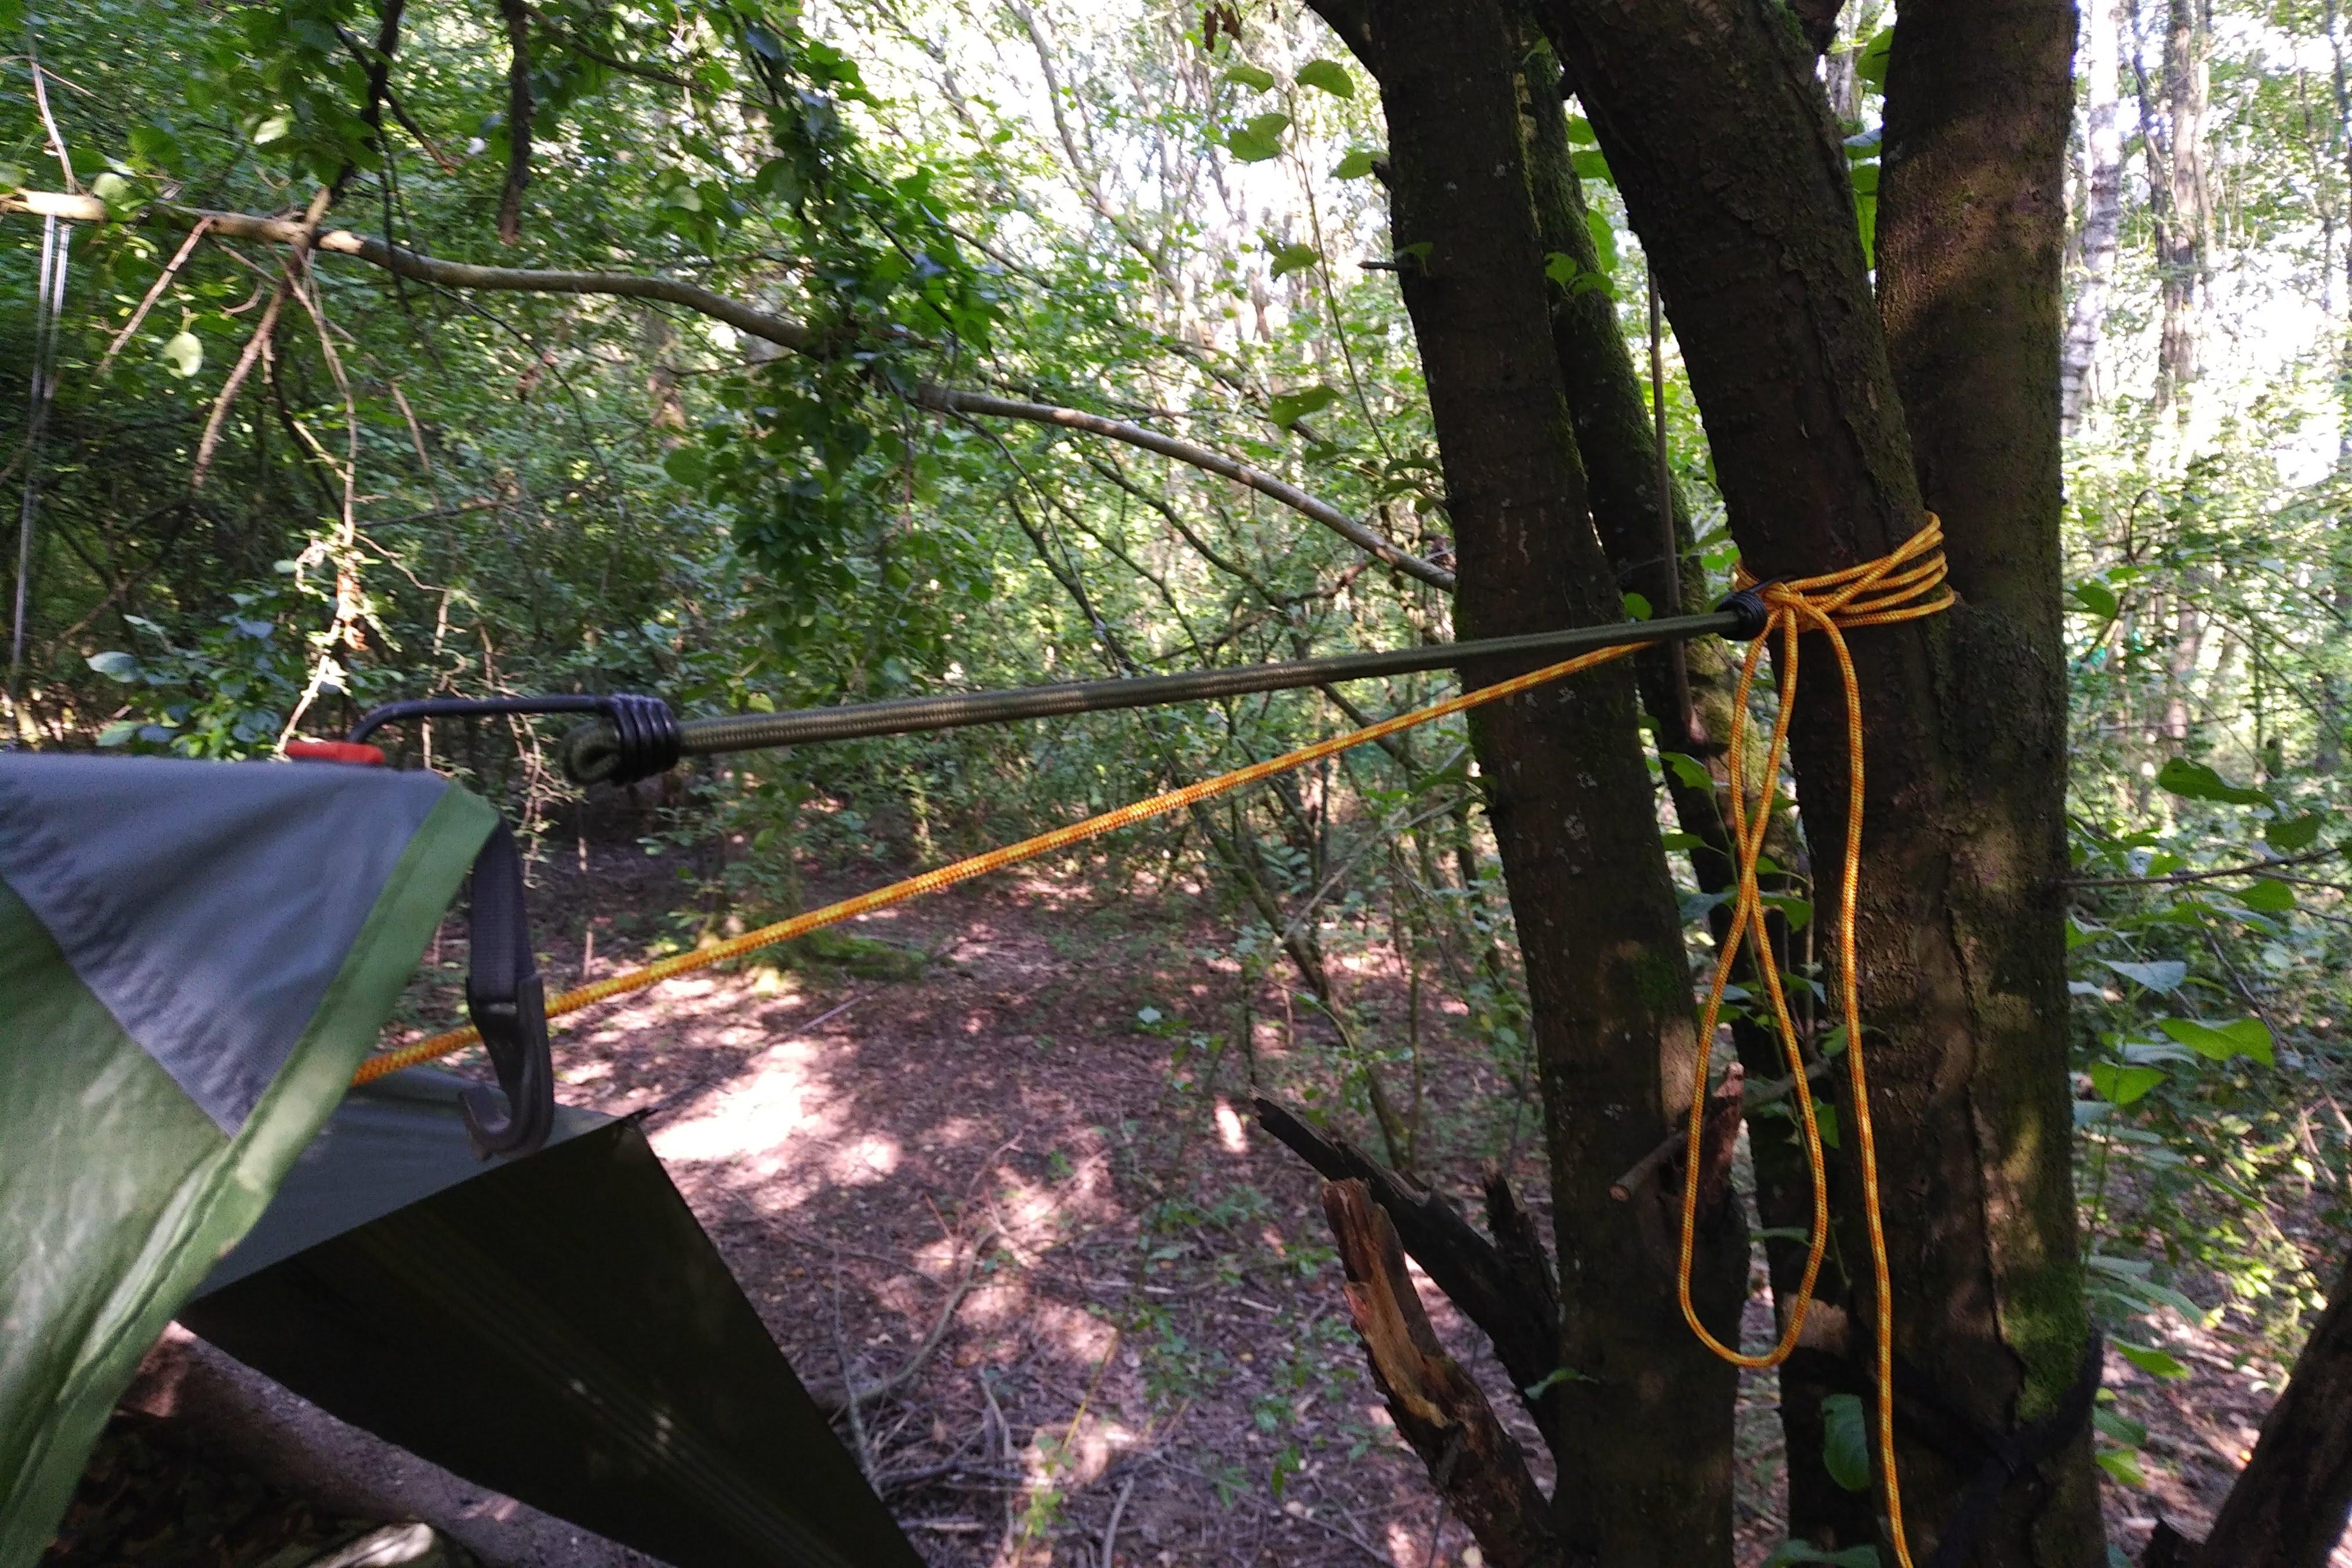 Hängemattenabenteuer - Ridgeline und Tarp-Befestigung